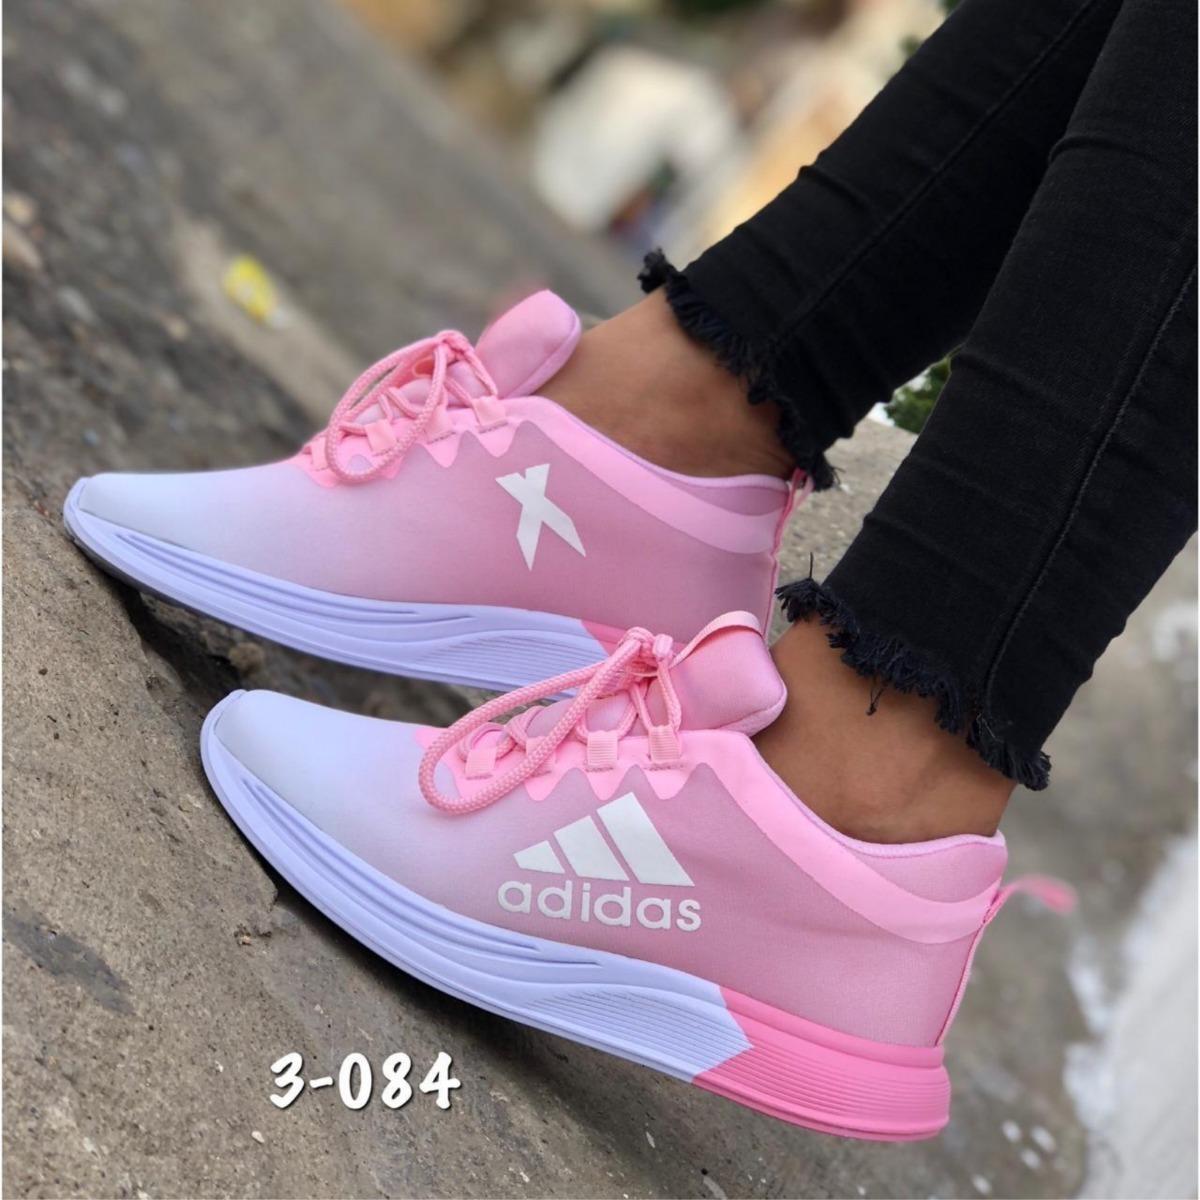 precio de zapatos deportivos adidas en colombia de mujer